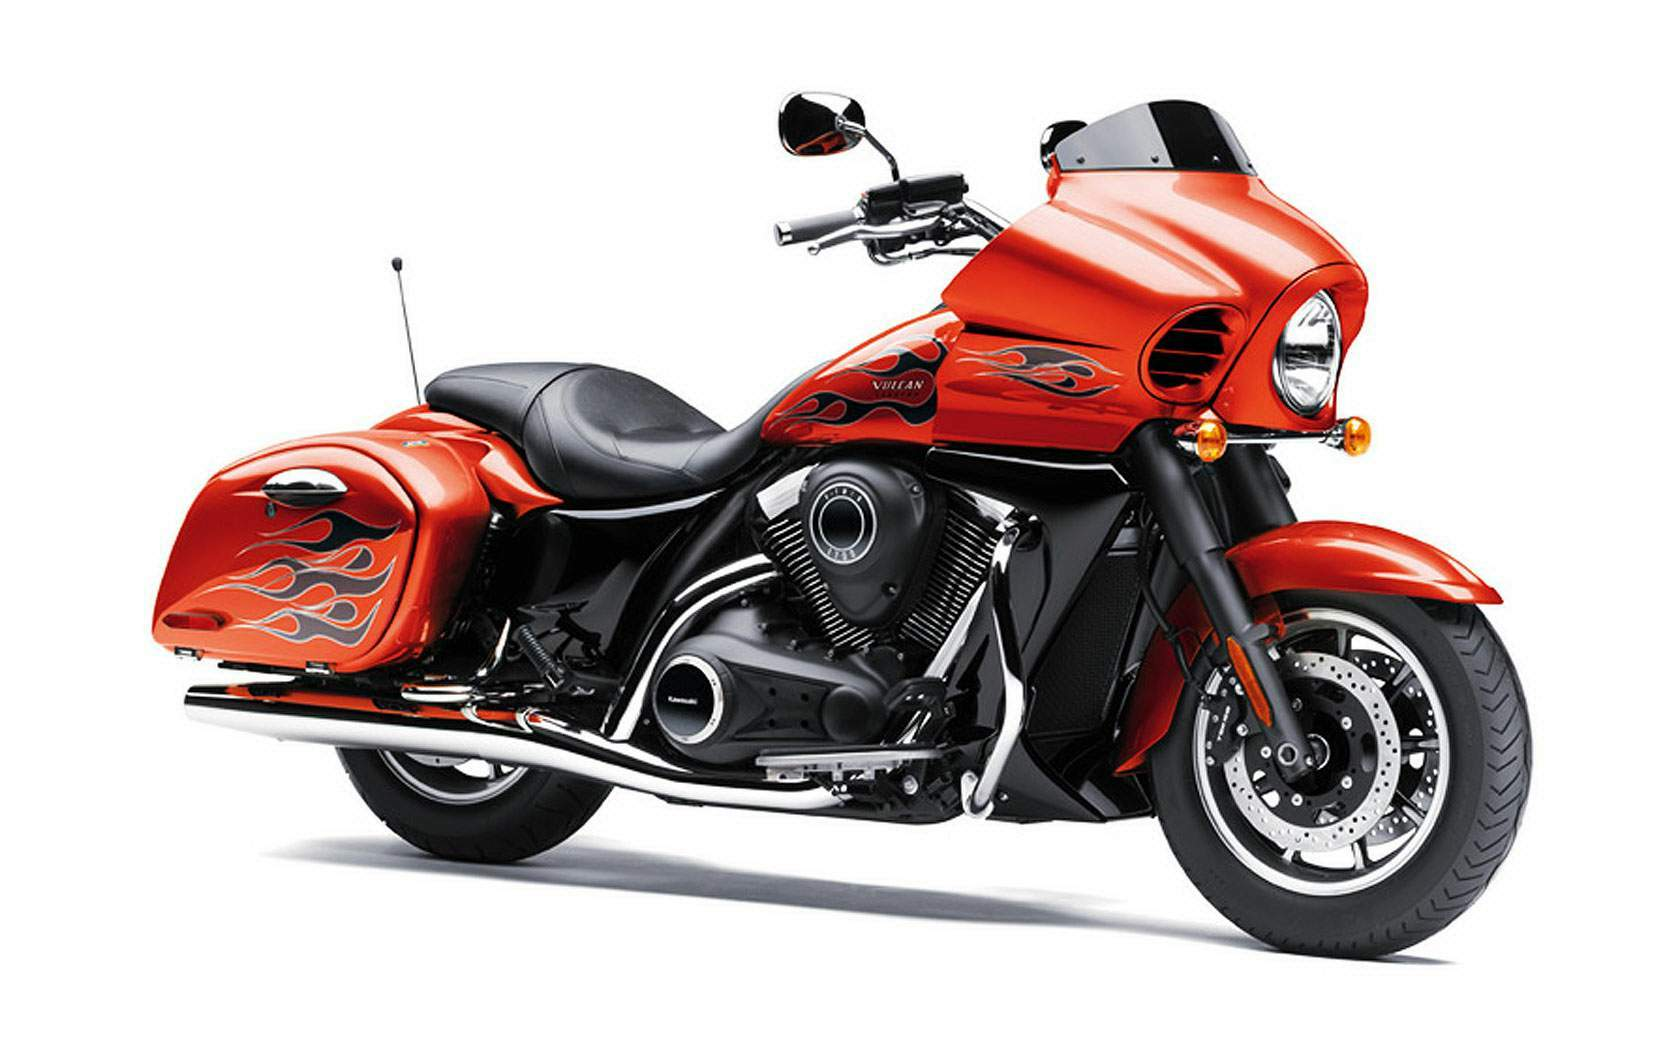 мотоцикл kawasaki z1000 технические характеристики